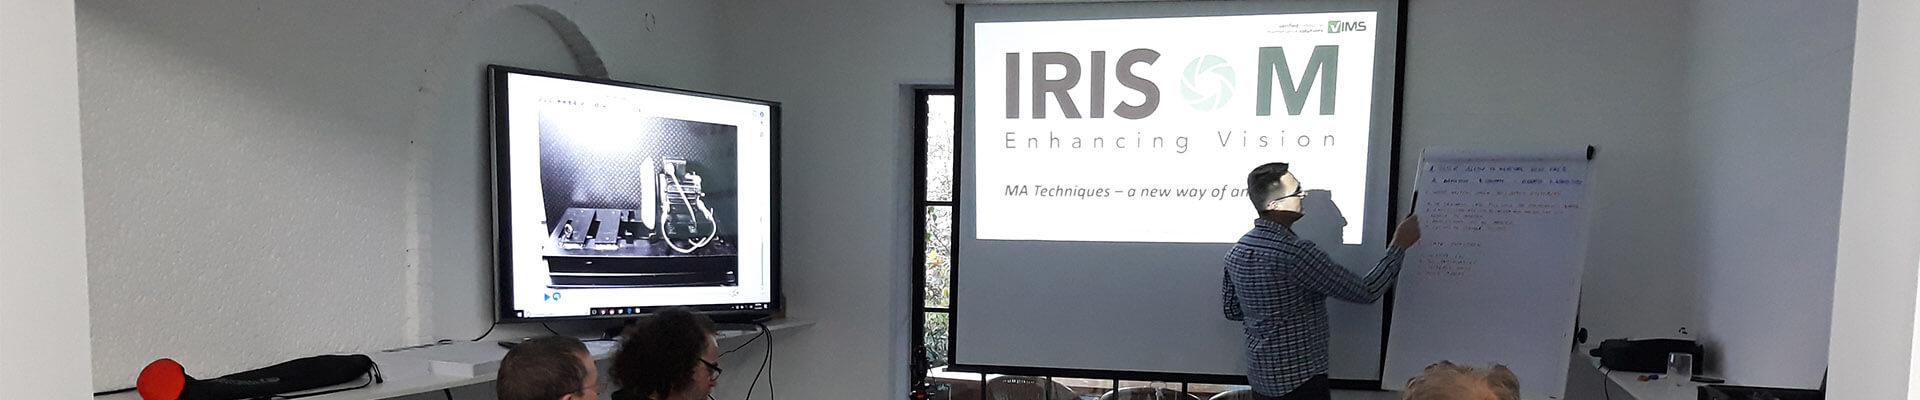 szkolenie z użytkowania systemu iris m